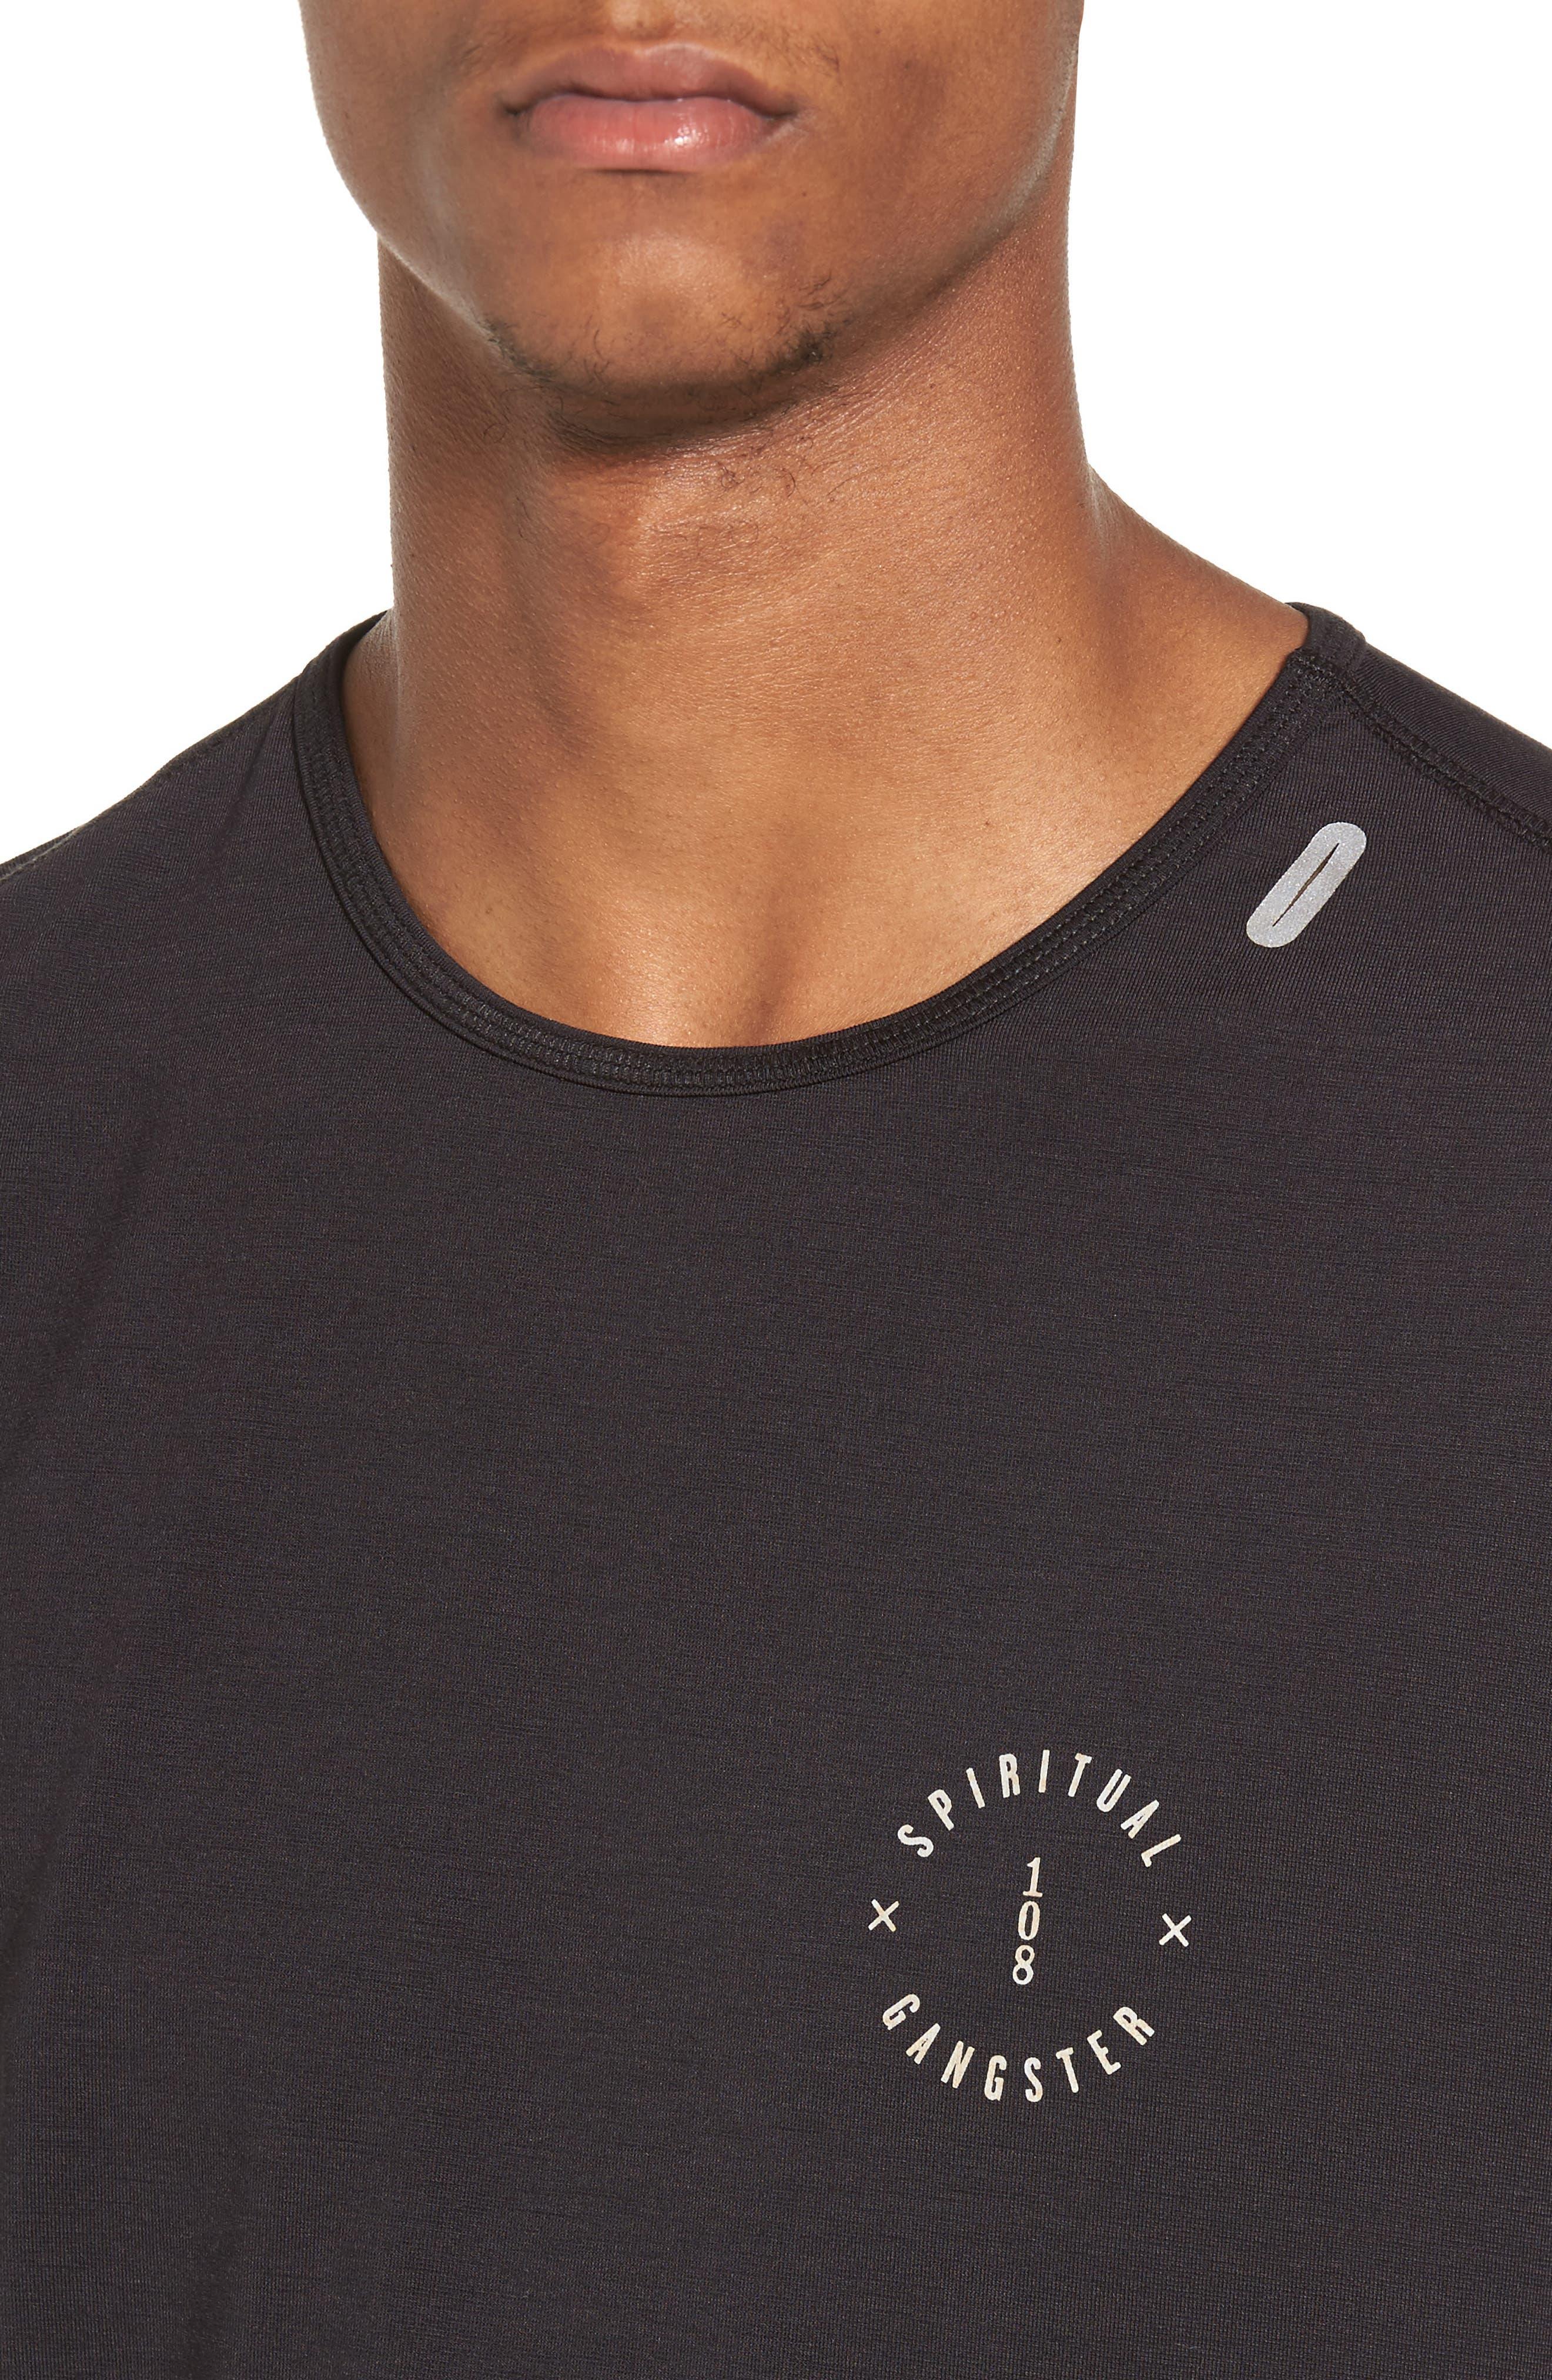 108 T-Shirt,                             Alternate thumbnail 4, color,                             001